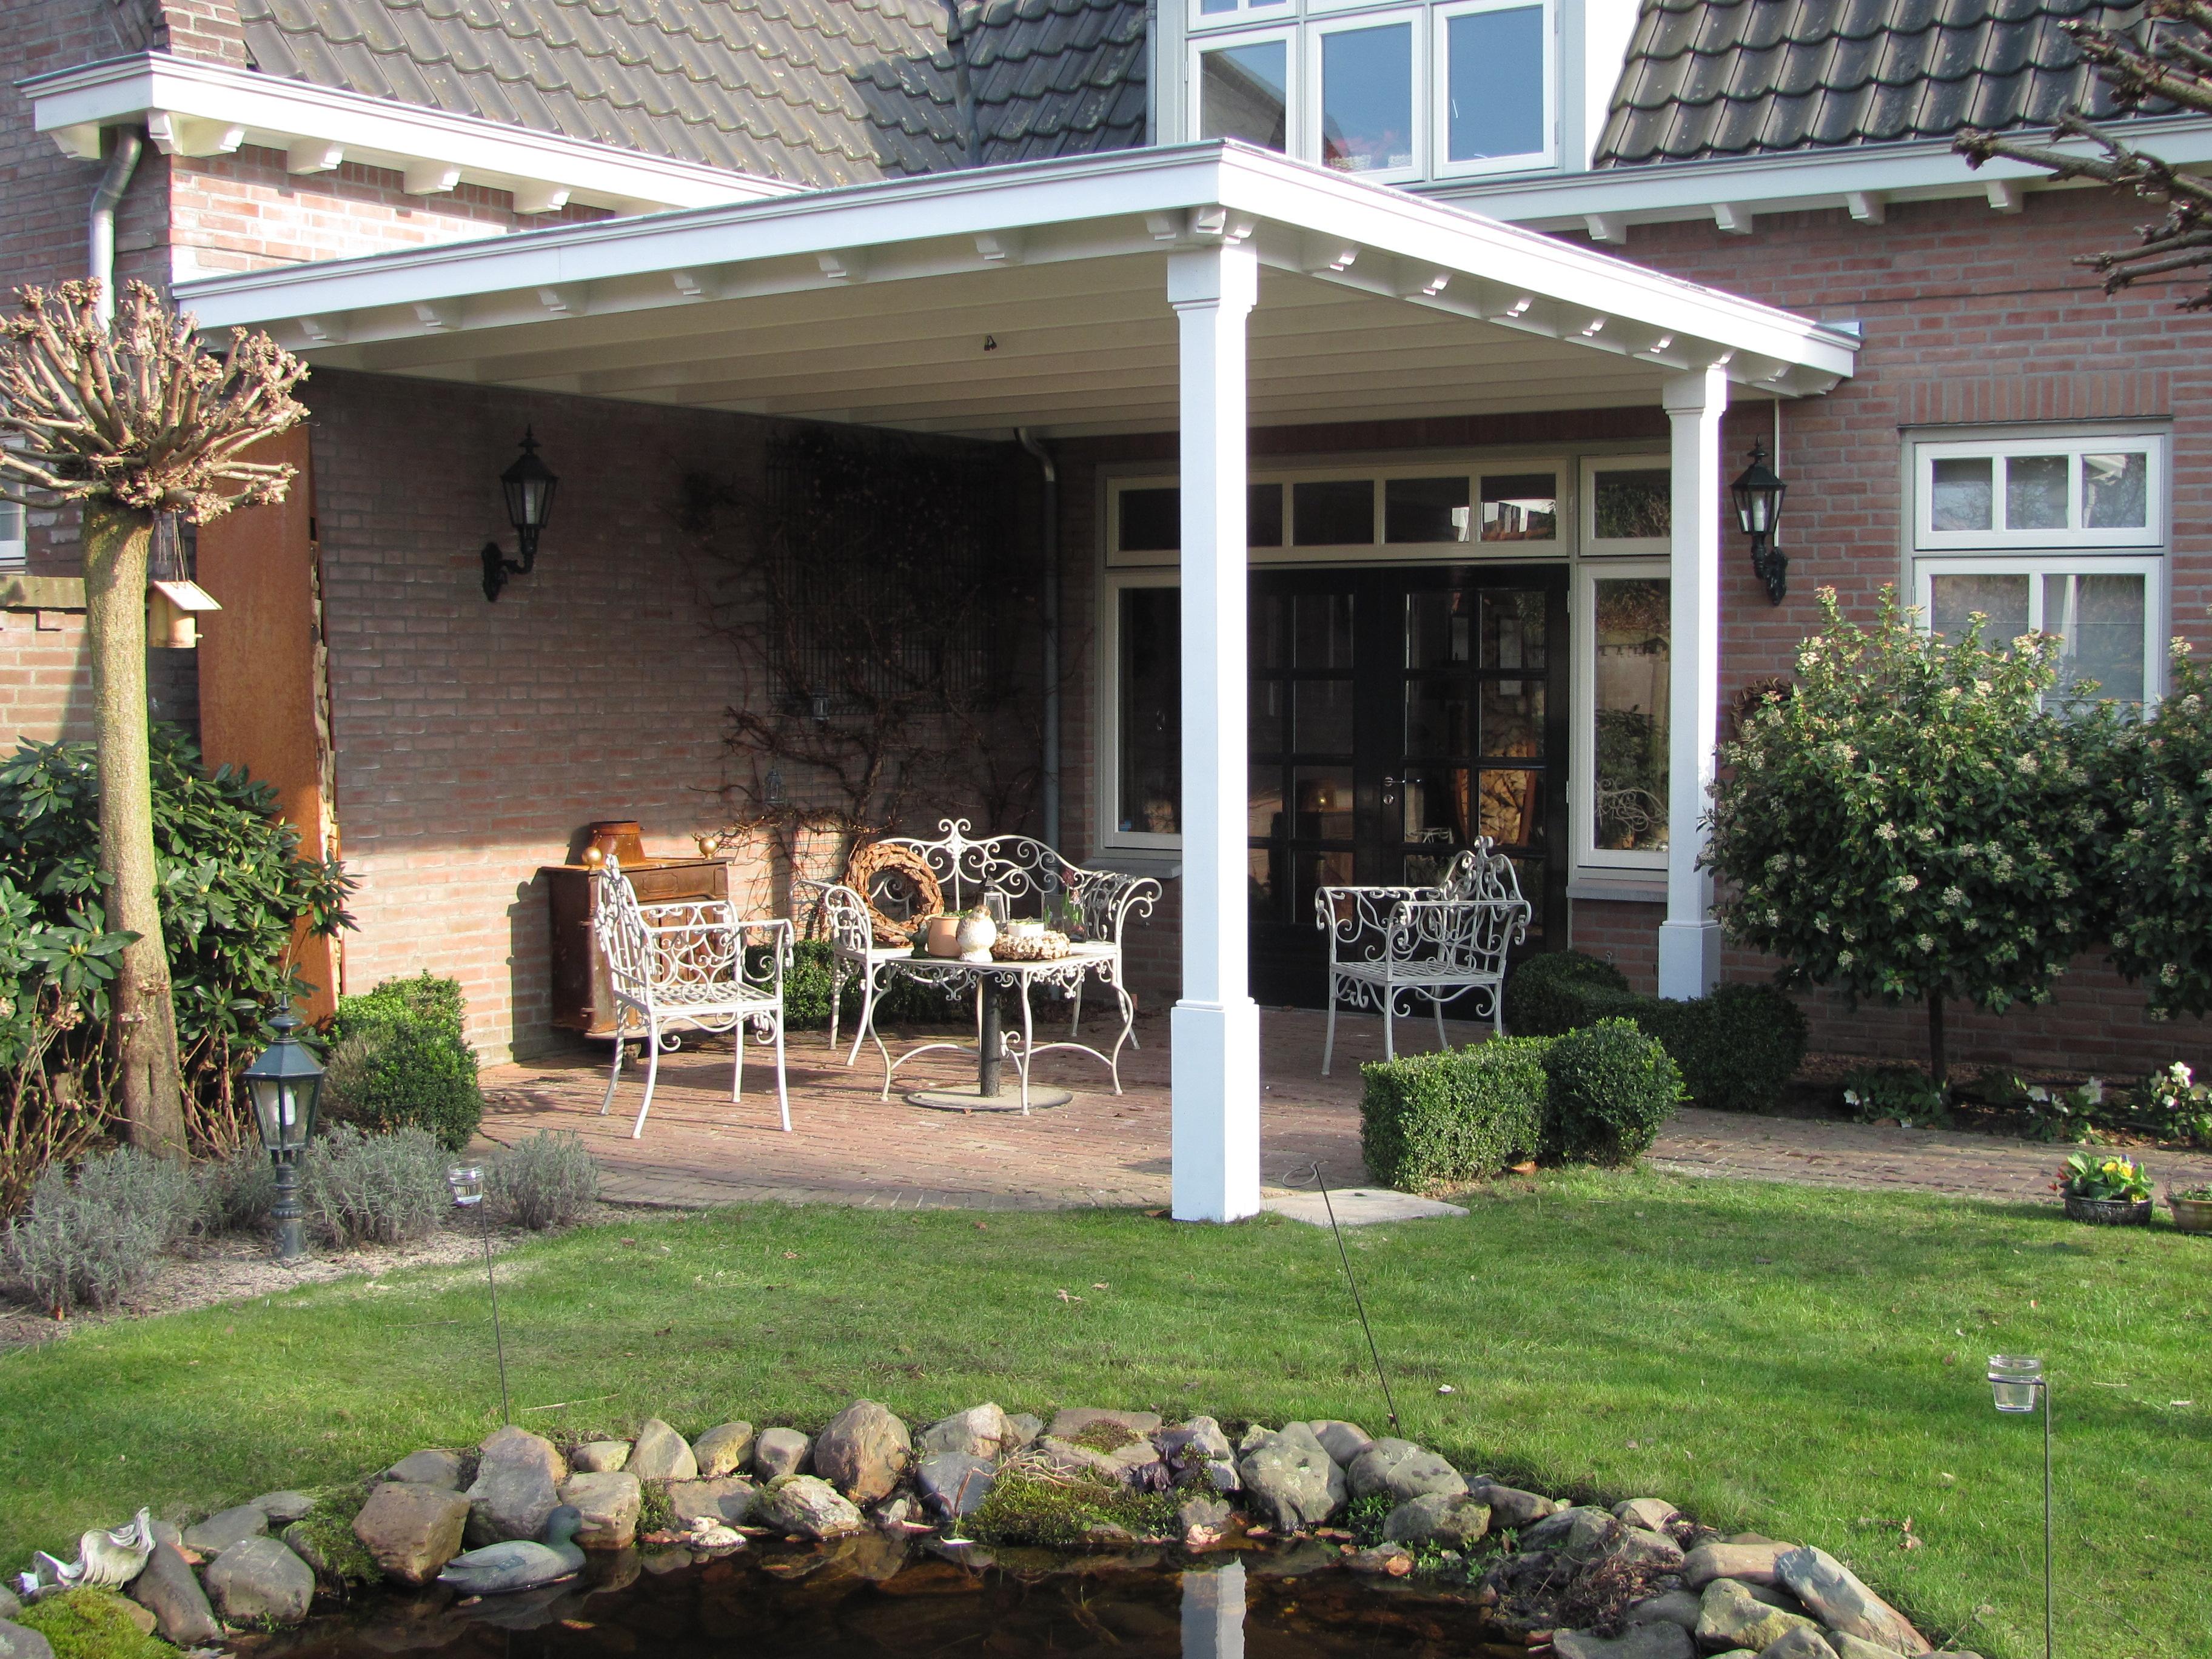 Winter met een veranda sneeuwvrij terras en kerstsfeer buiten verandaservice - Decoratie binnen veranda ...